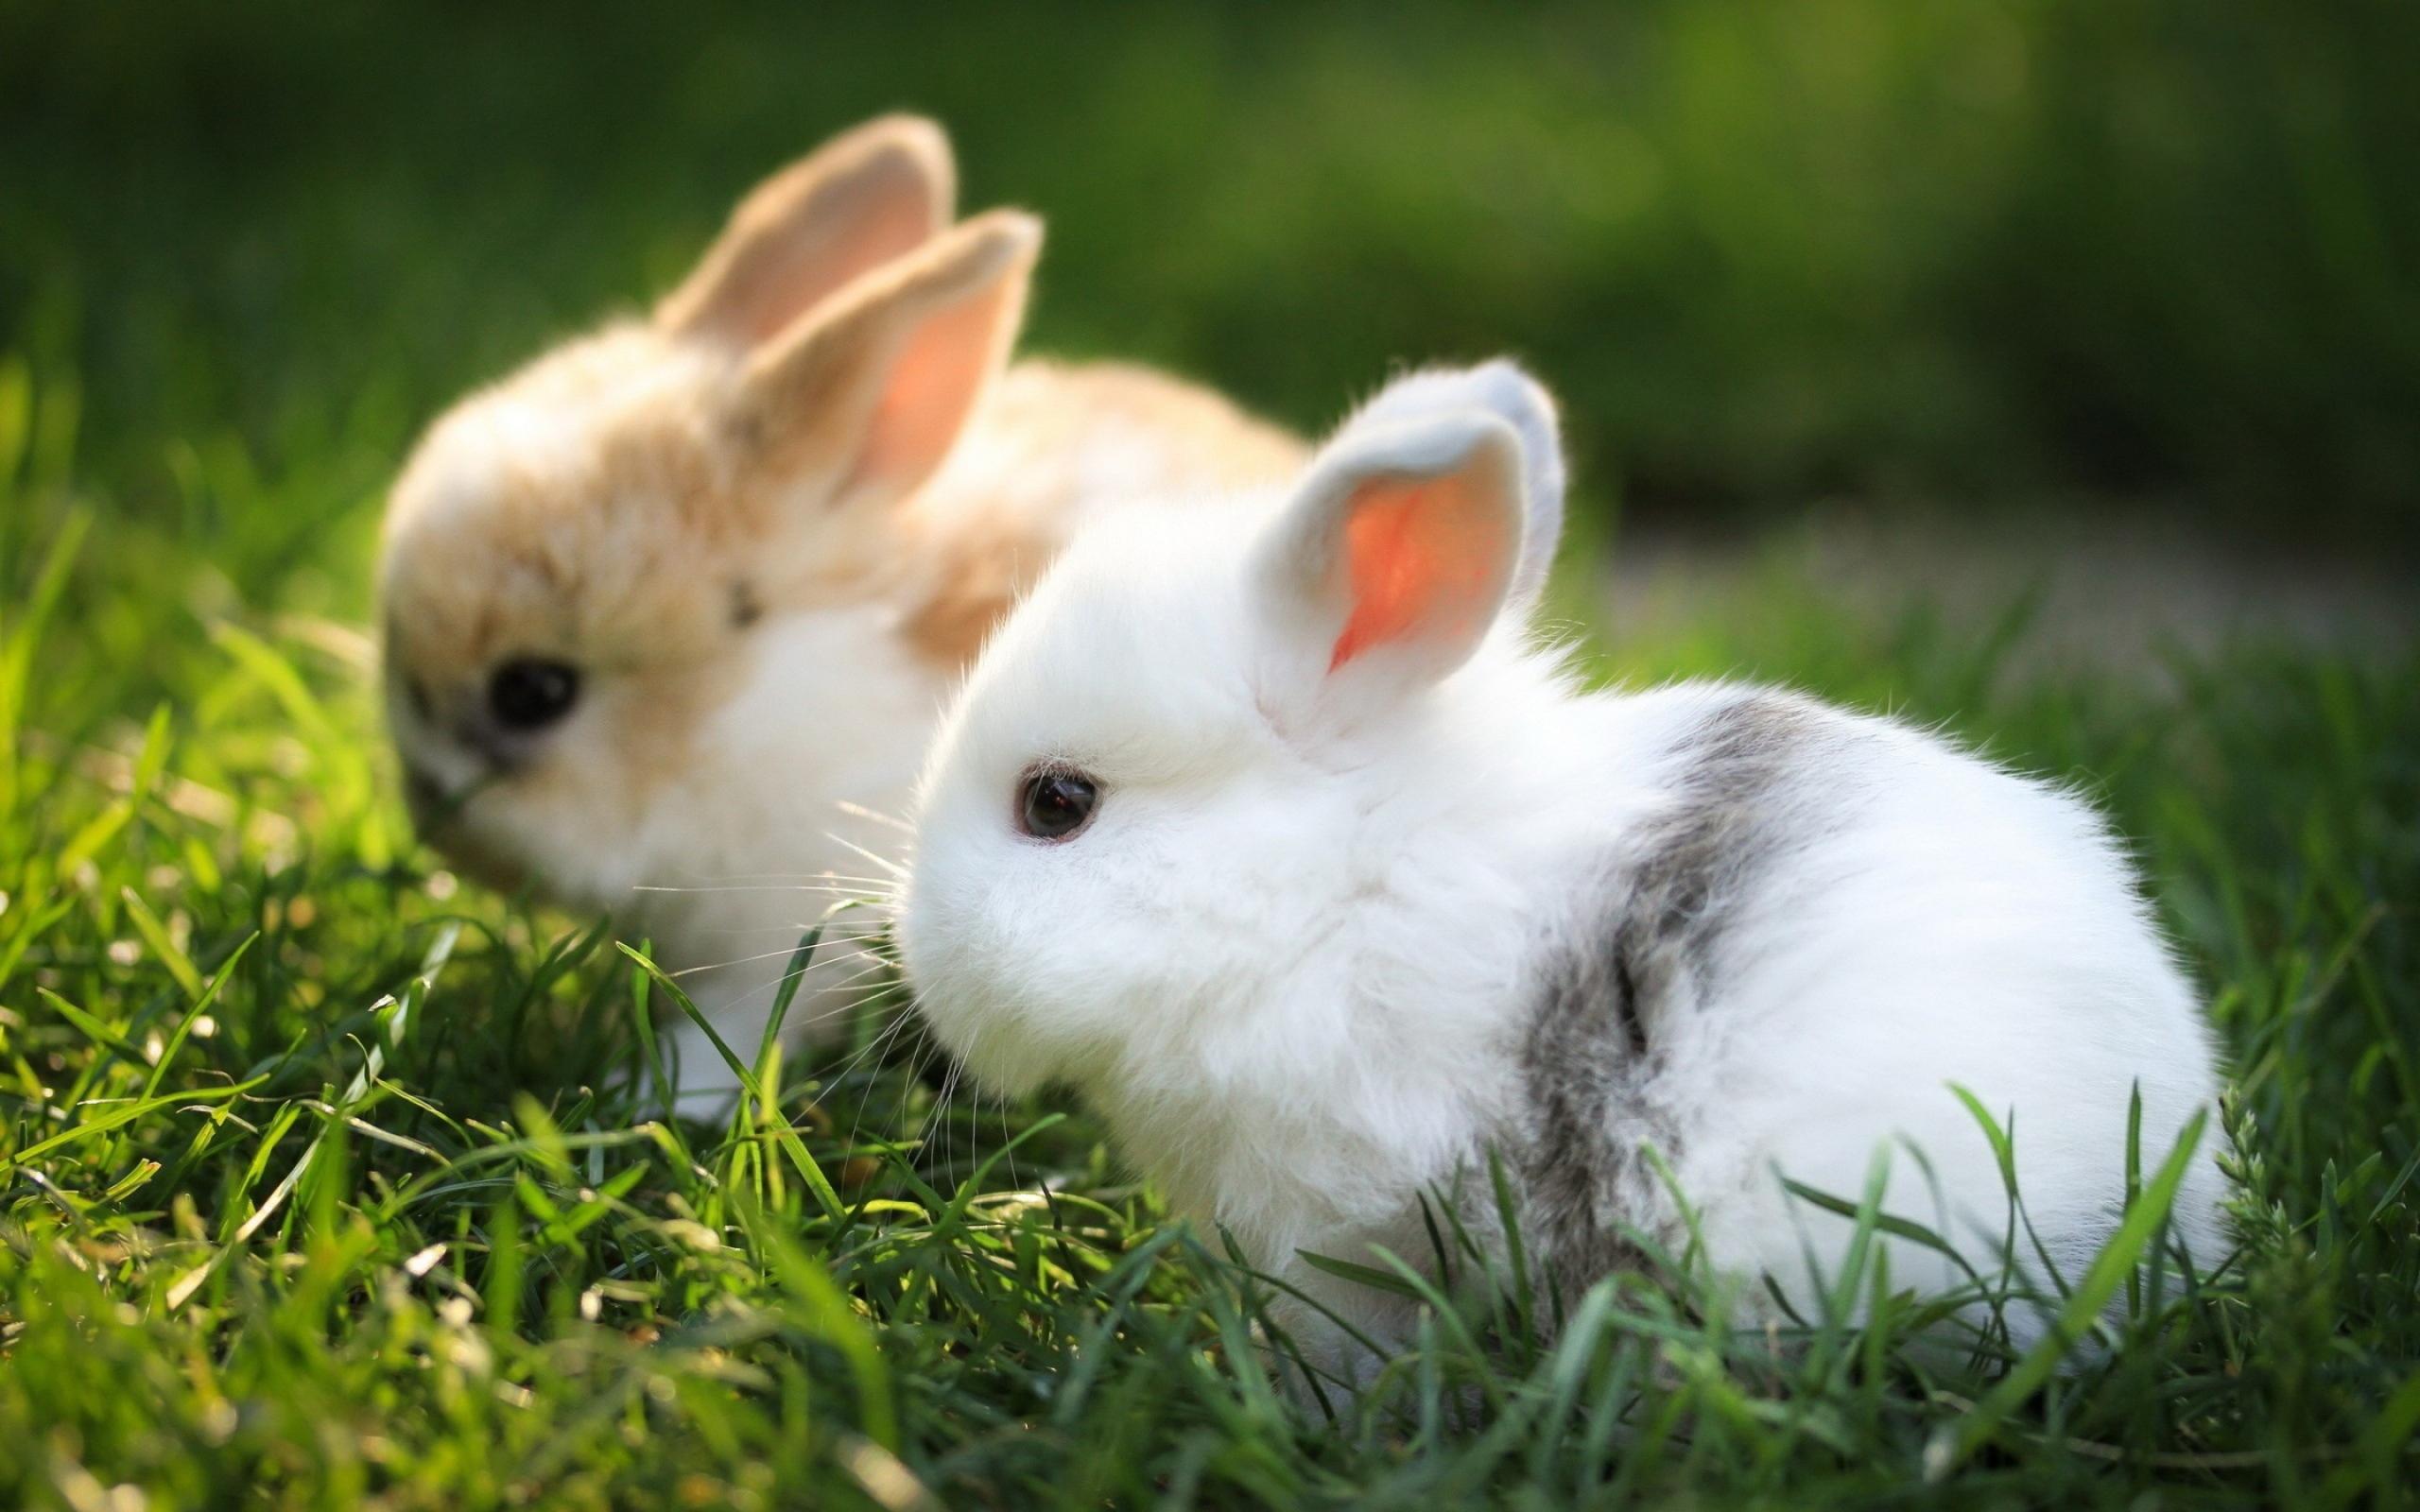 Какой травой можно кормить кроликов?